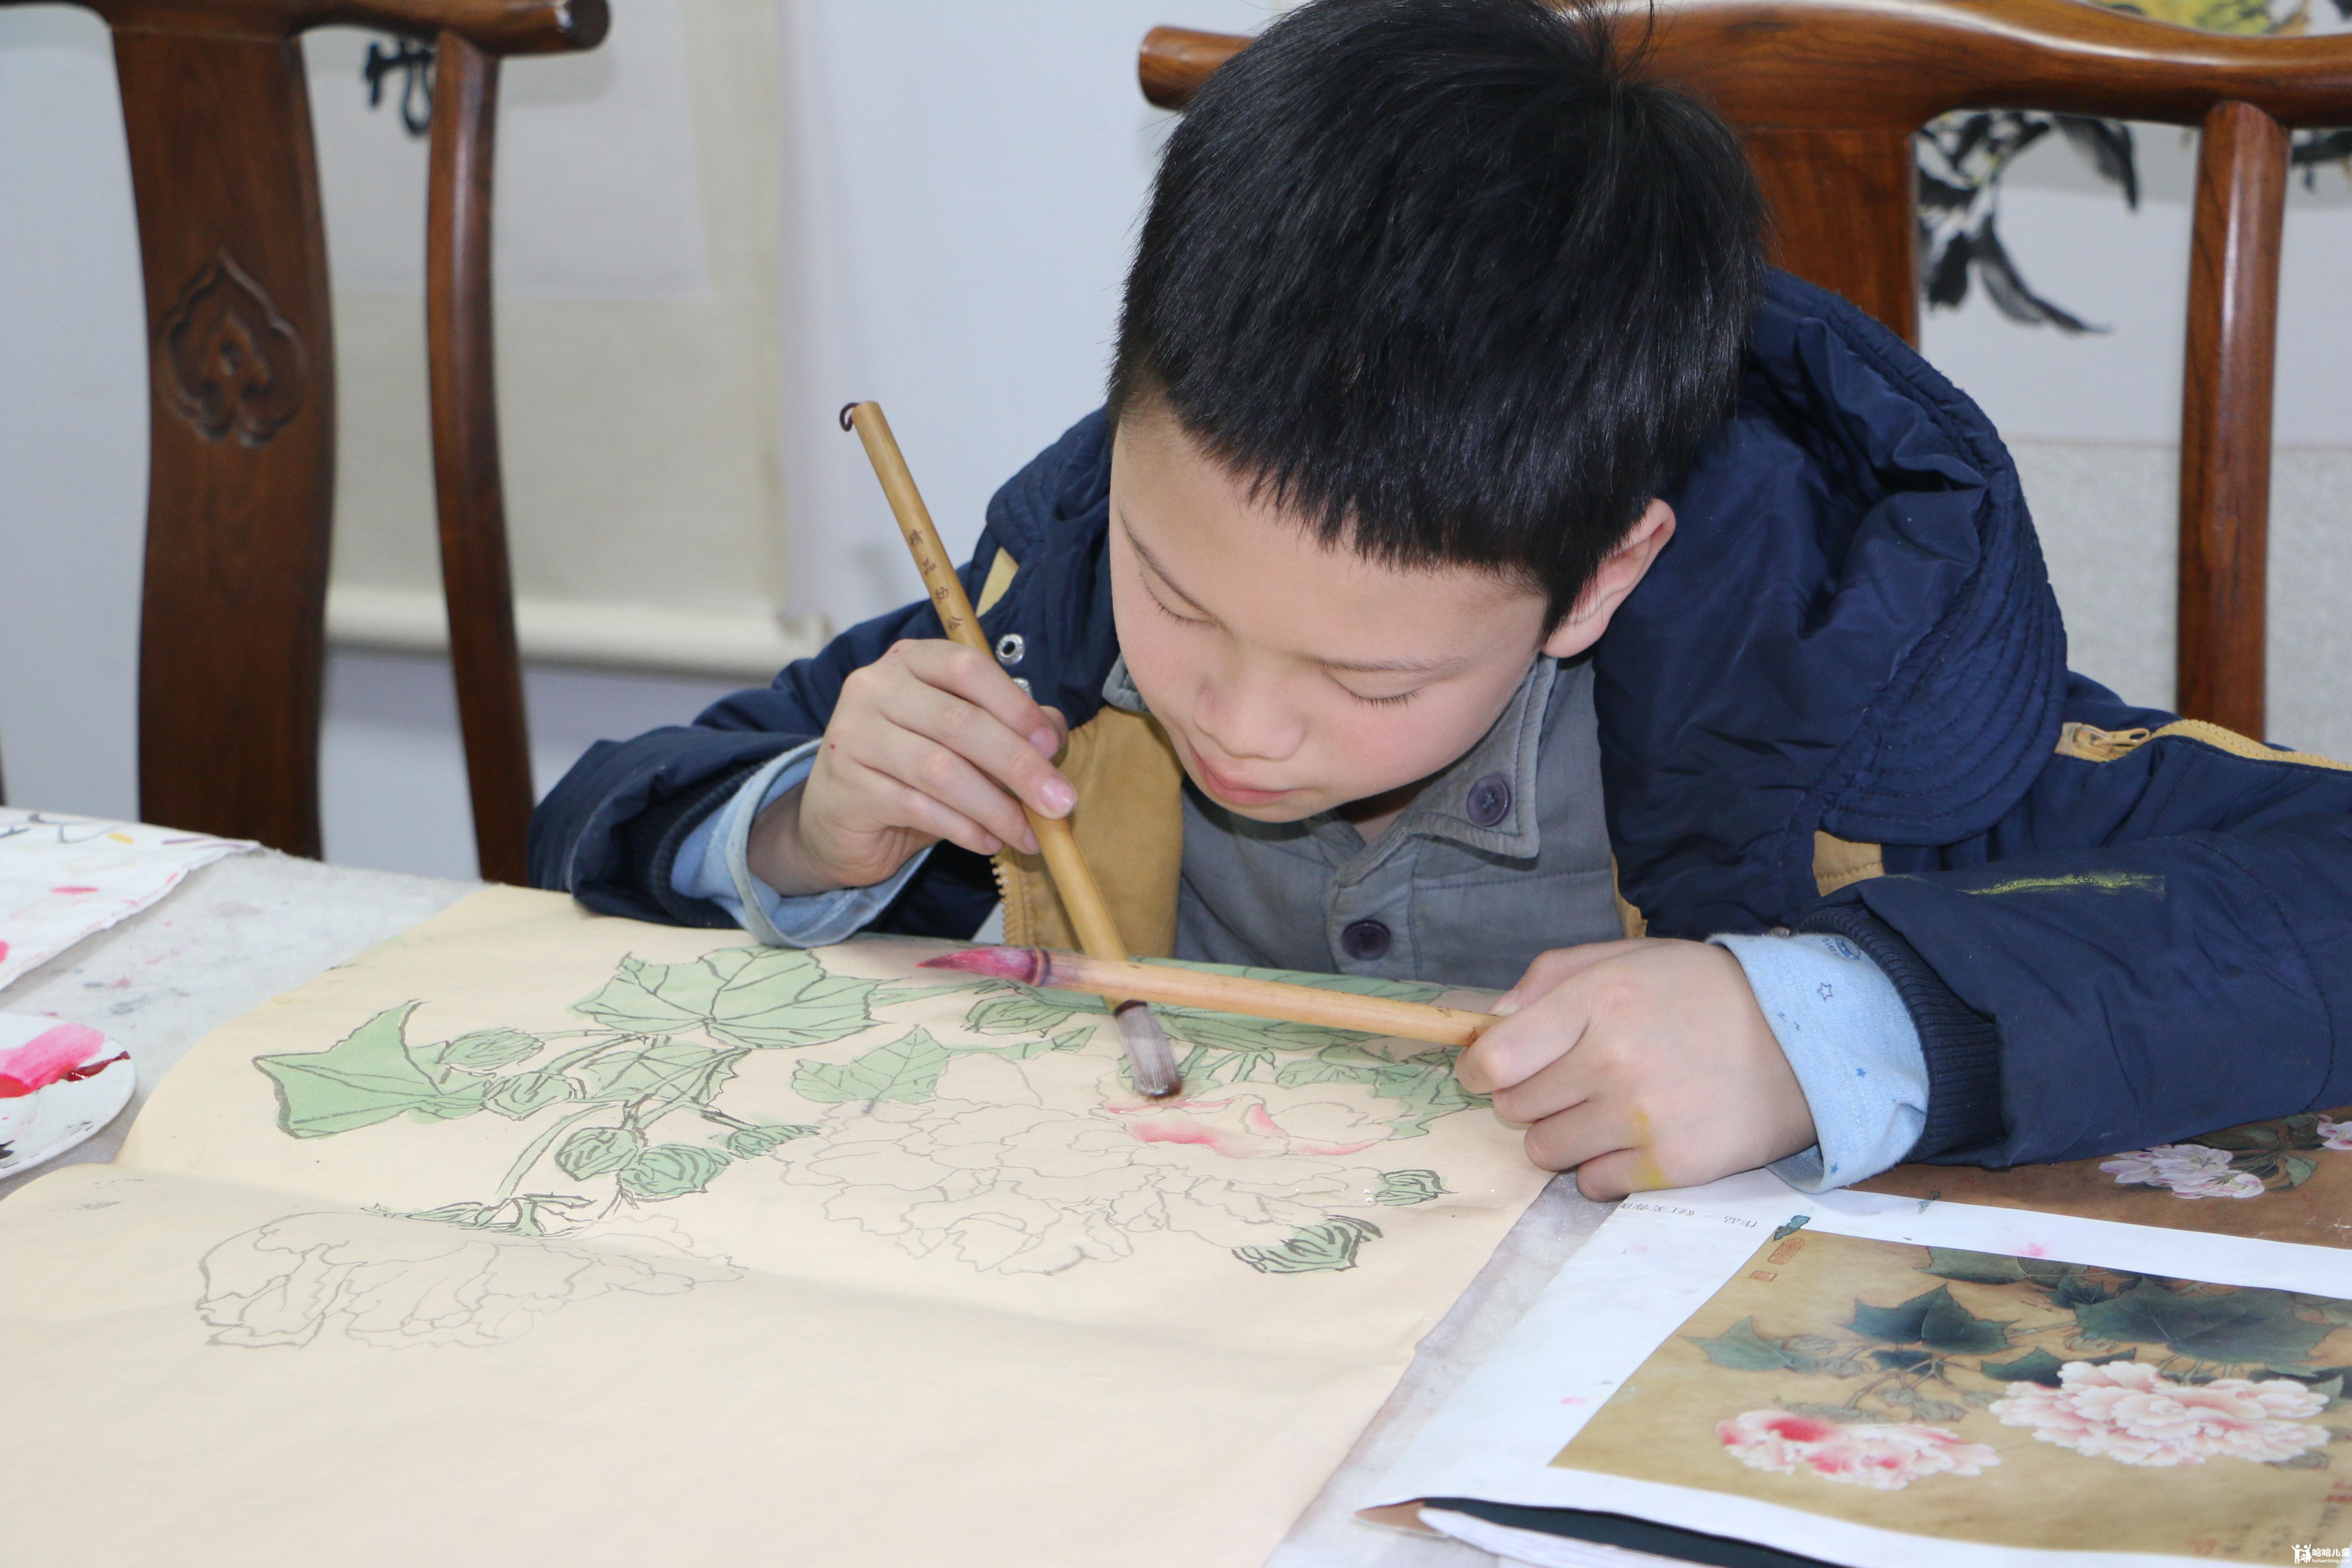 幼儿线描剪贴画-2、帮助小朋友体会音乐节奏的美感,配合地舞出各种动作.-唯中学馆